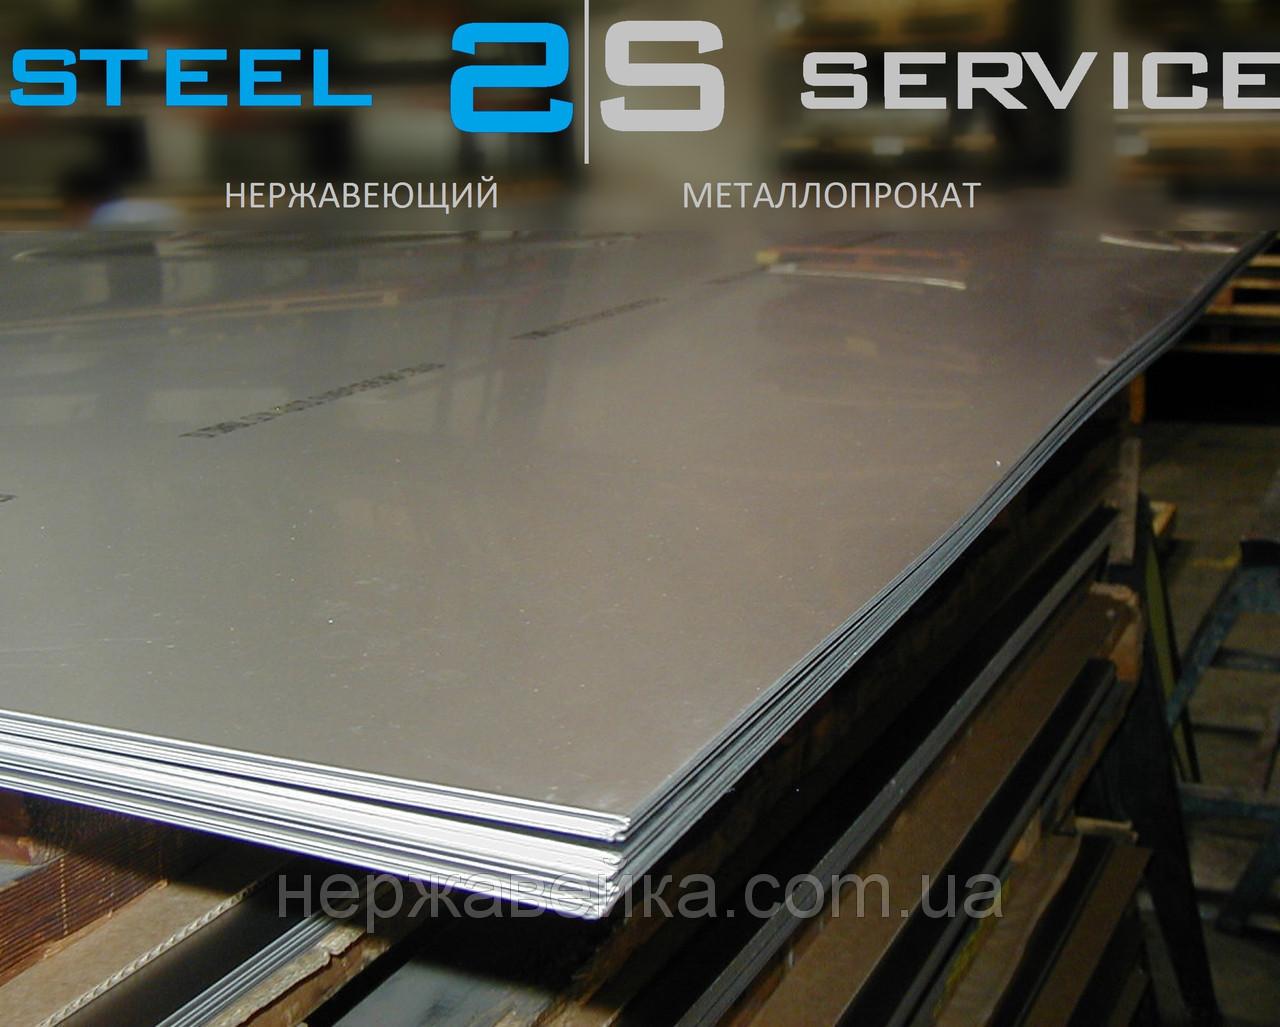 Нержавейка лист 0,8х1250х2500мм AiSi 201  (12Х15Г9НД) 4N - шлифованный